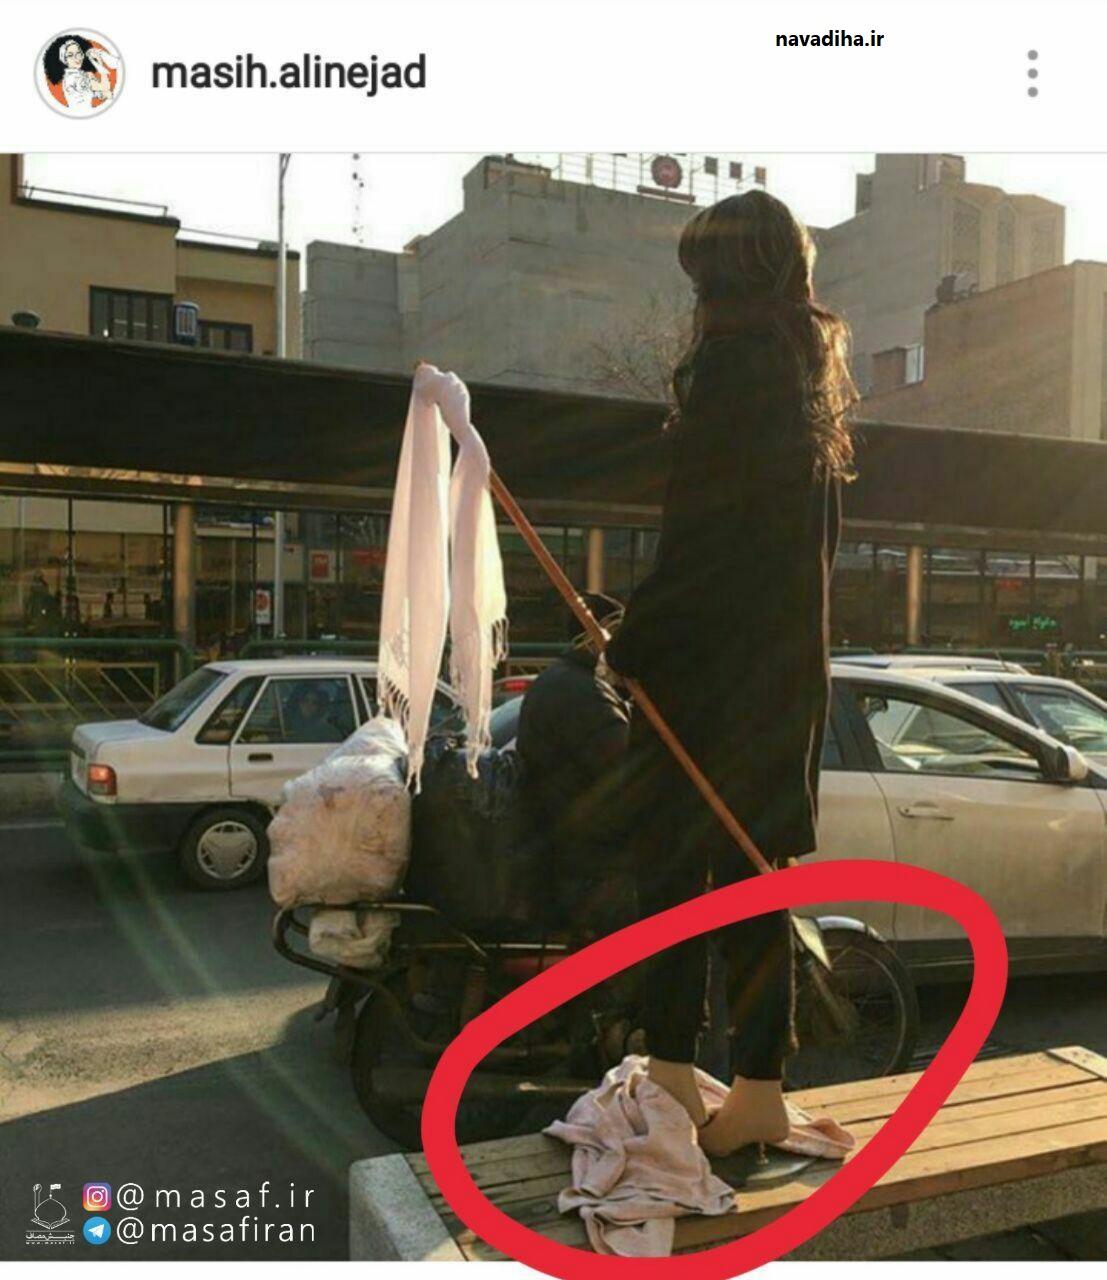 دو کلیپ بسیار زیبا تقدیم مصی علینژاد!/از خیابان تا ساحل دریا!